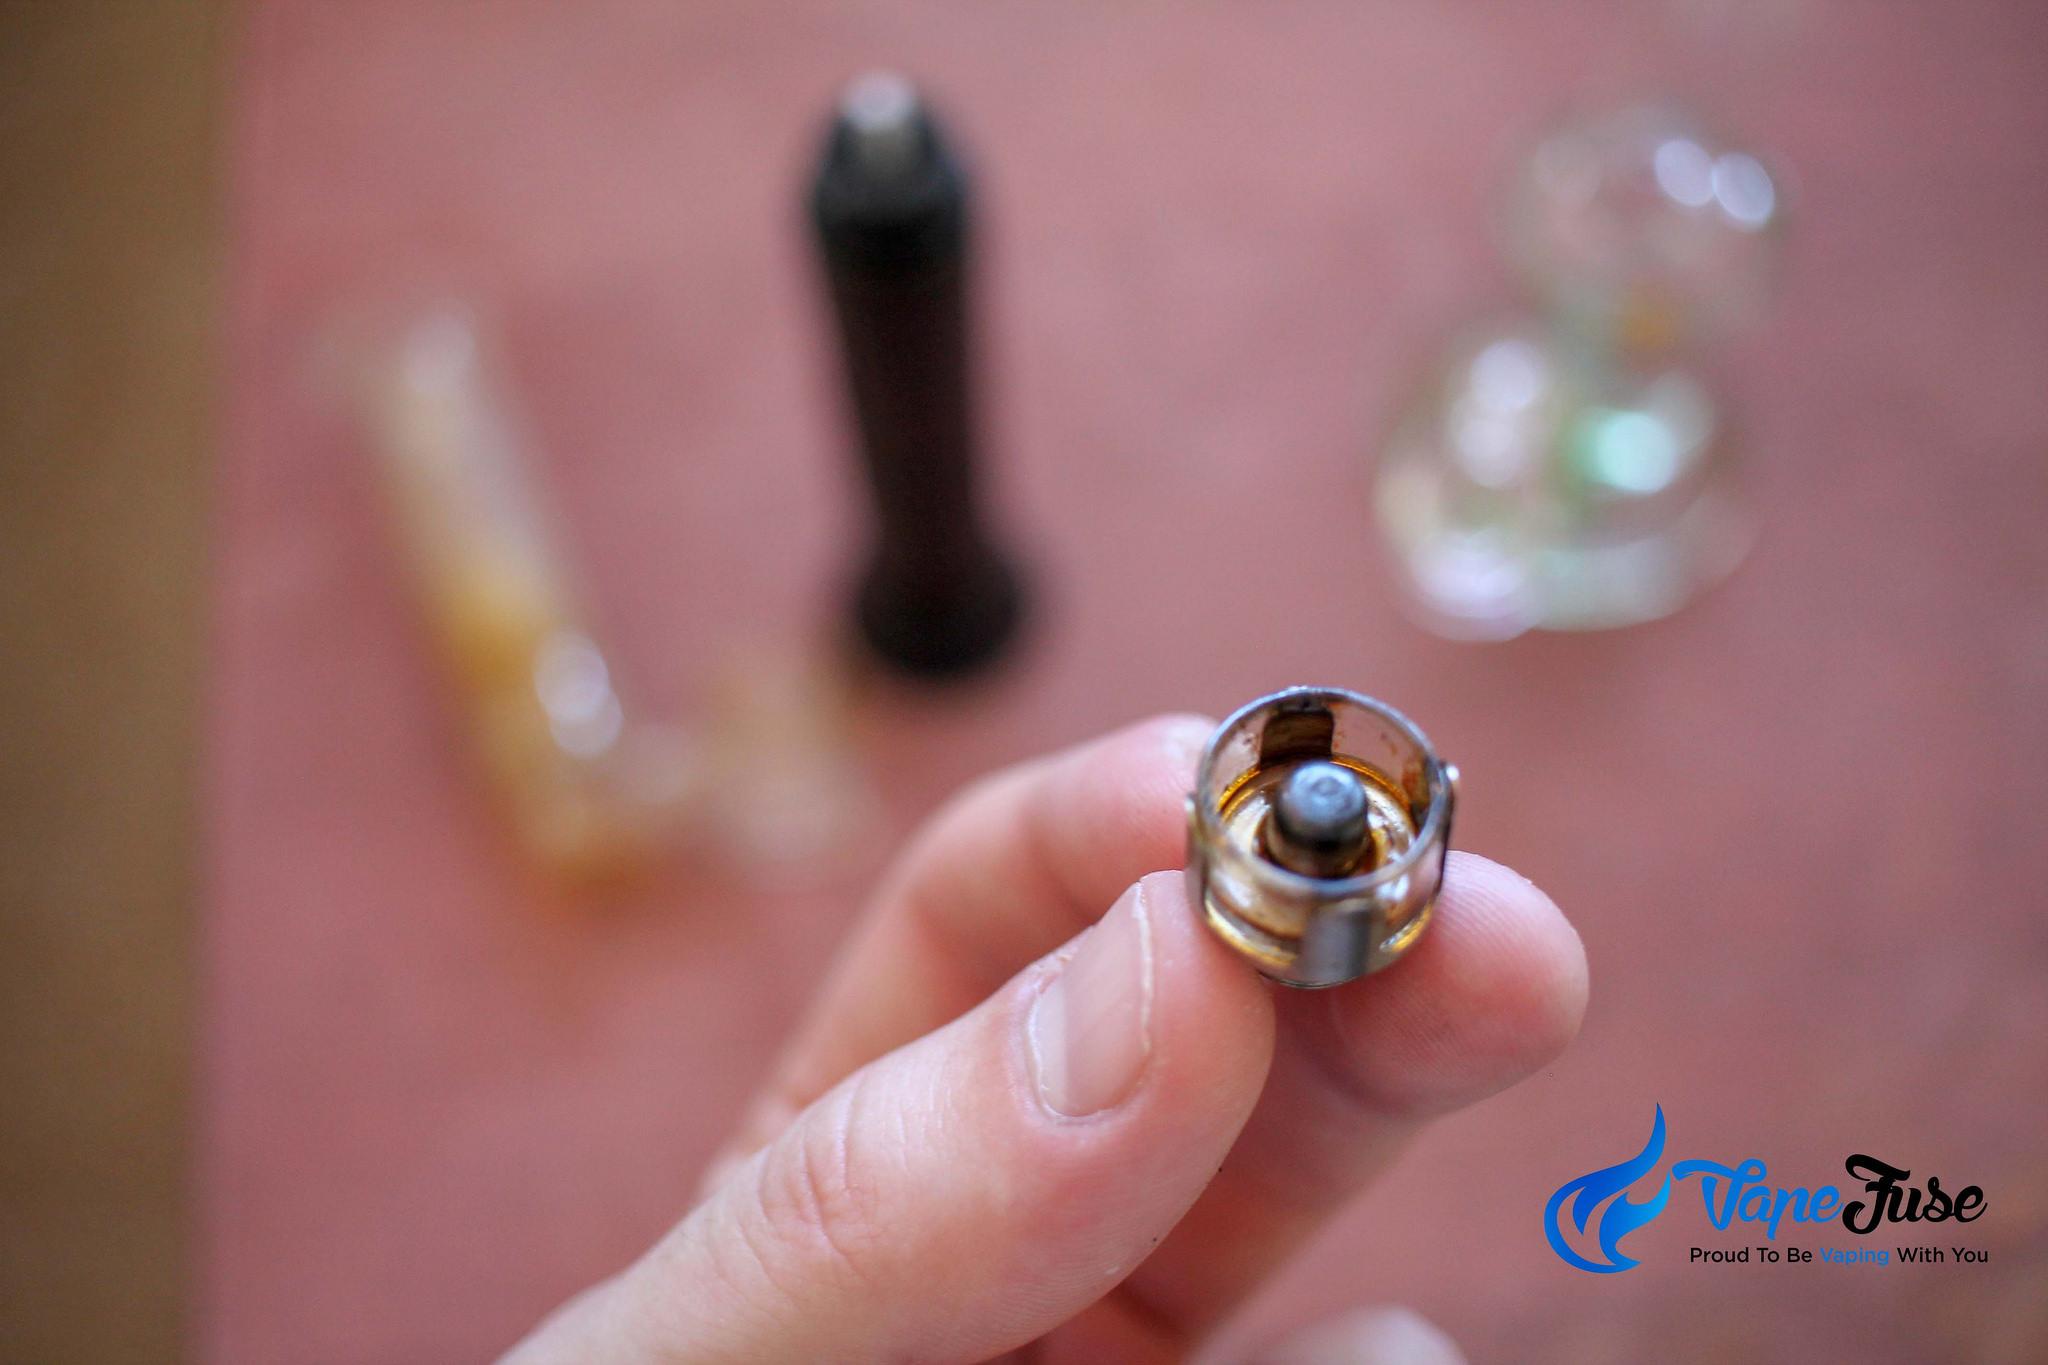 Wax residue on enail atomizer